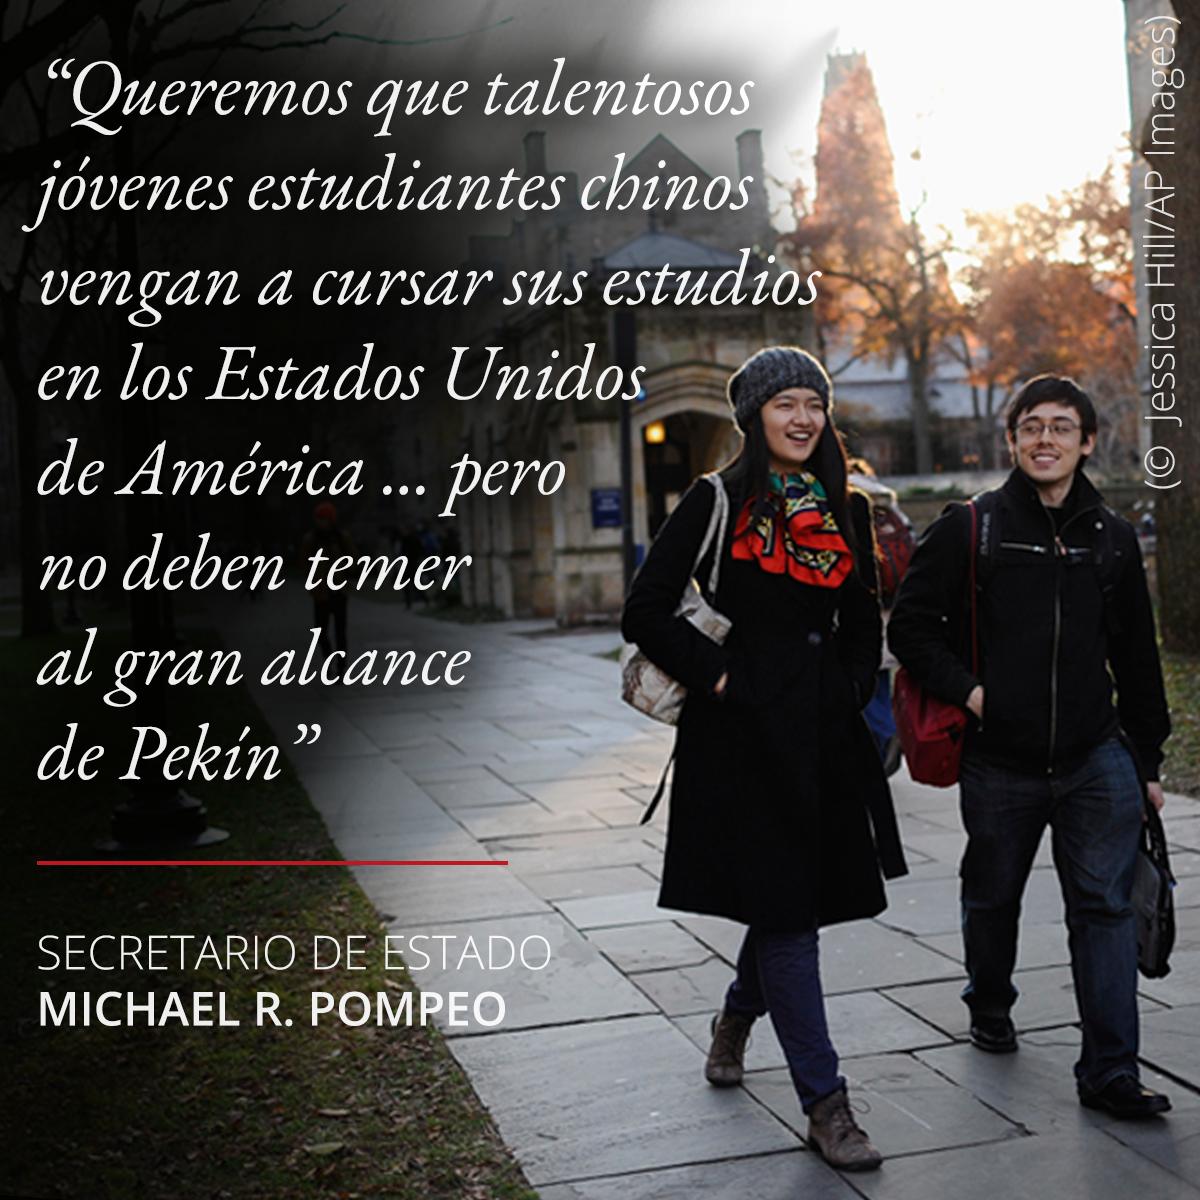 Foto de dos personas caminando, cita de Pompeo sobre la libertad académica para los estudiantes chinos en Estados Unidos (© Jessica Hill/AP Images)